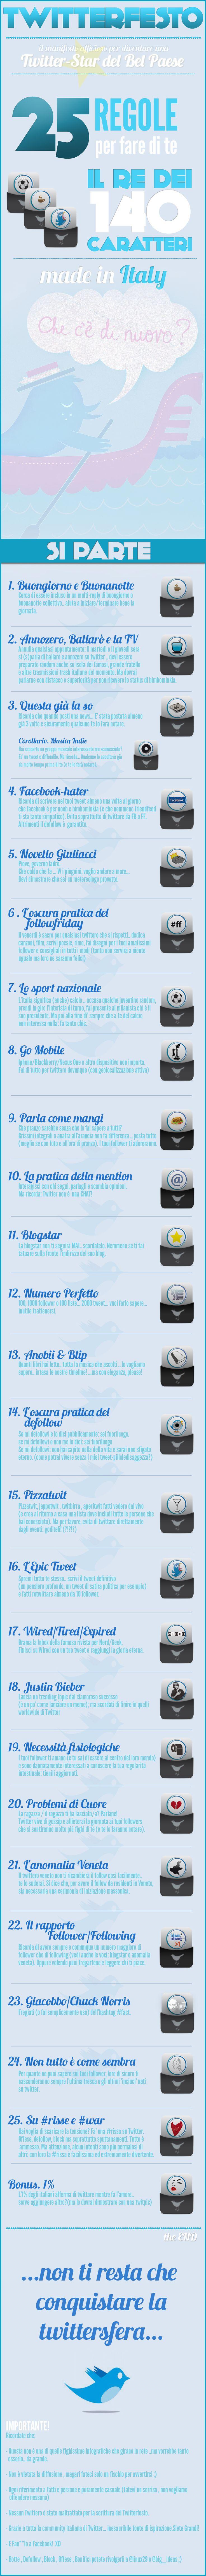 Twitterfesto - Manifesto ufficioso per diventare una Twitstar del Bel Paese